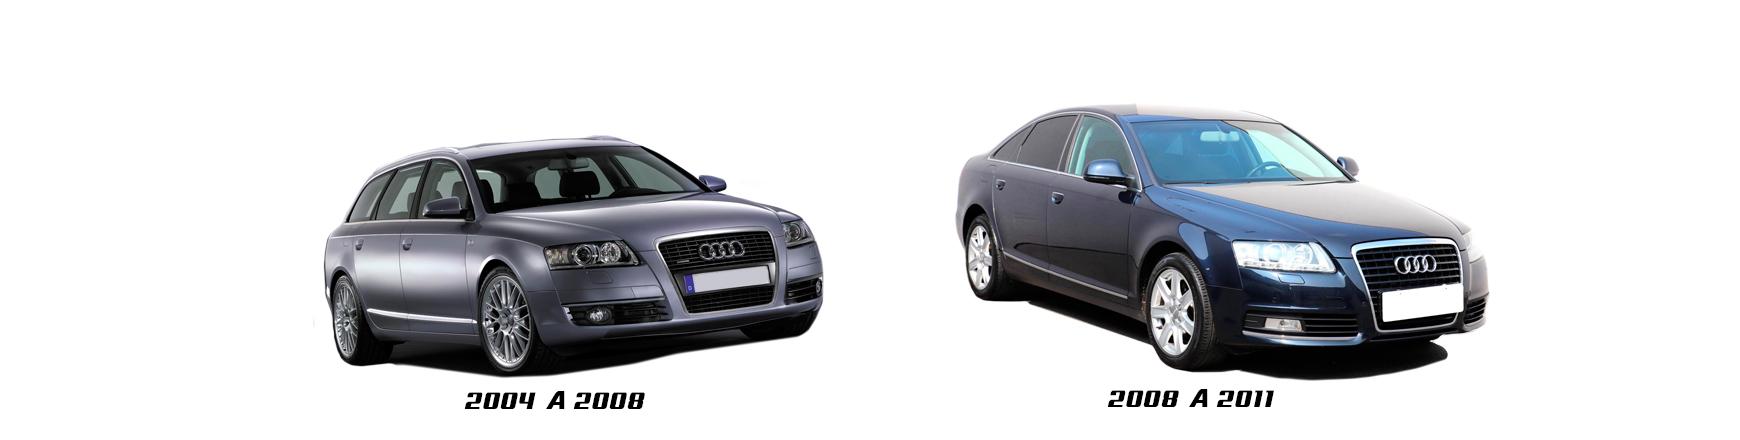 Audi A6 de 2004 a 2008. Recambios de coche económicos. Envío urgente.